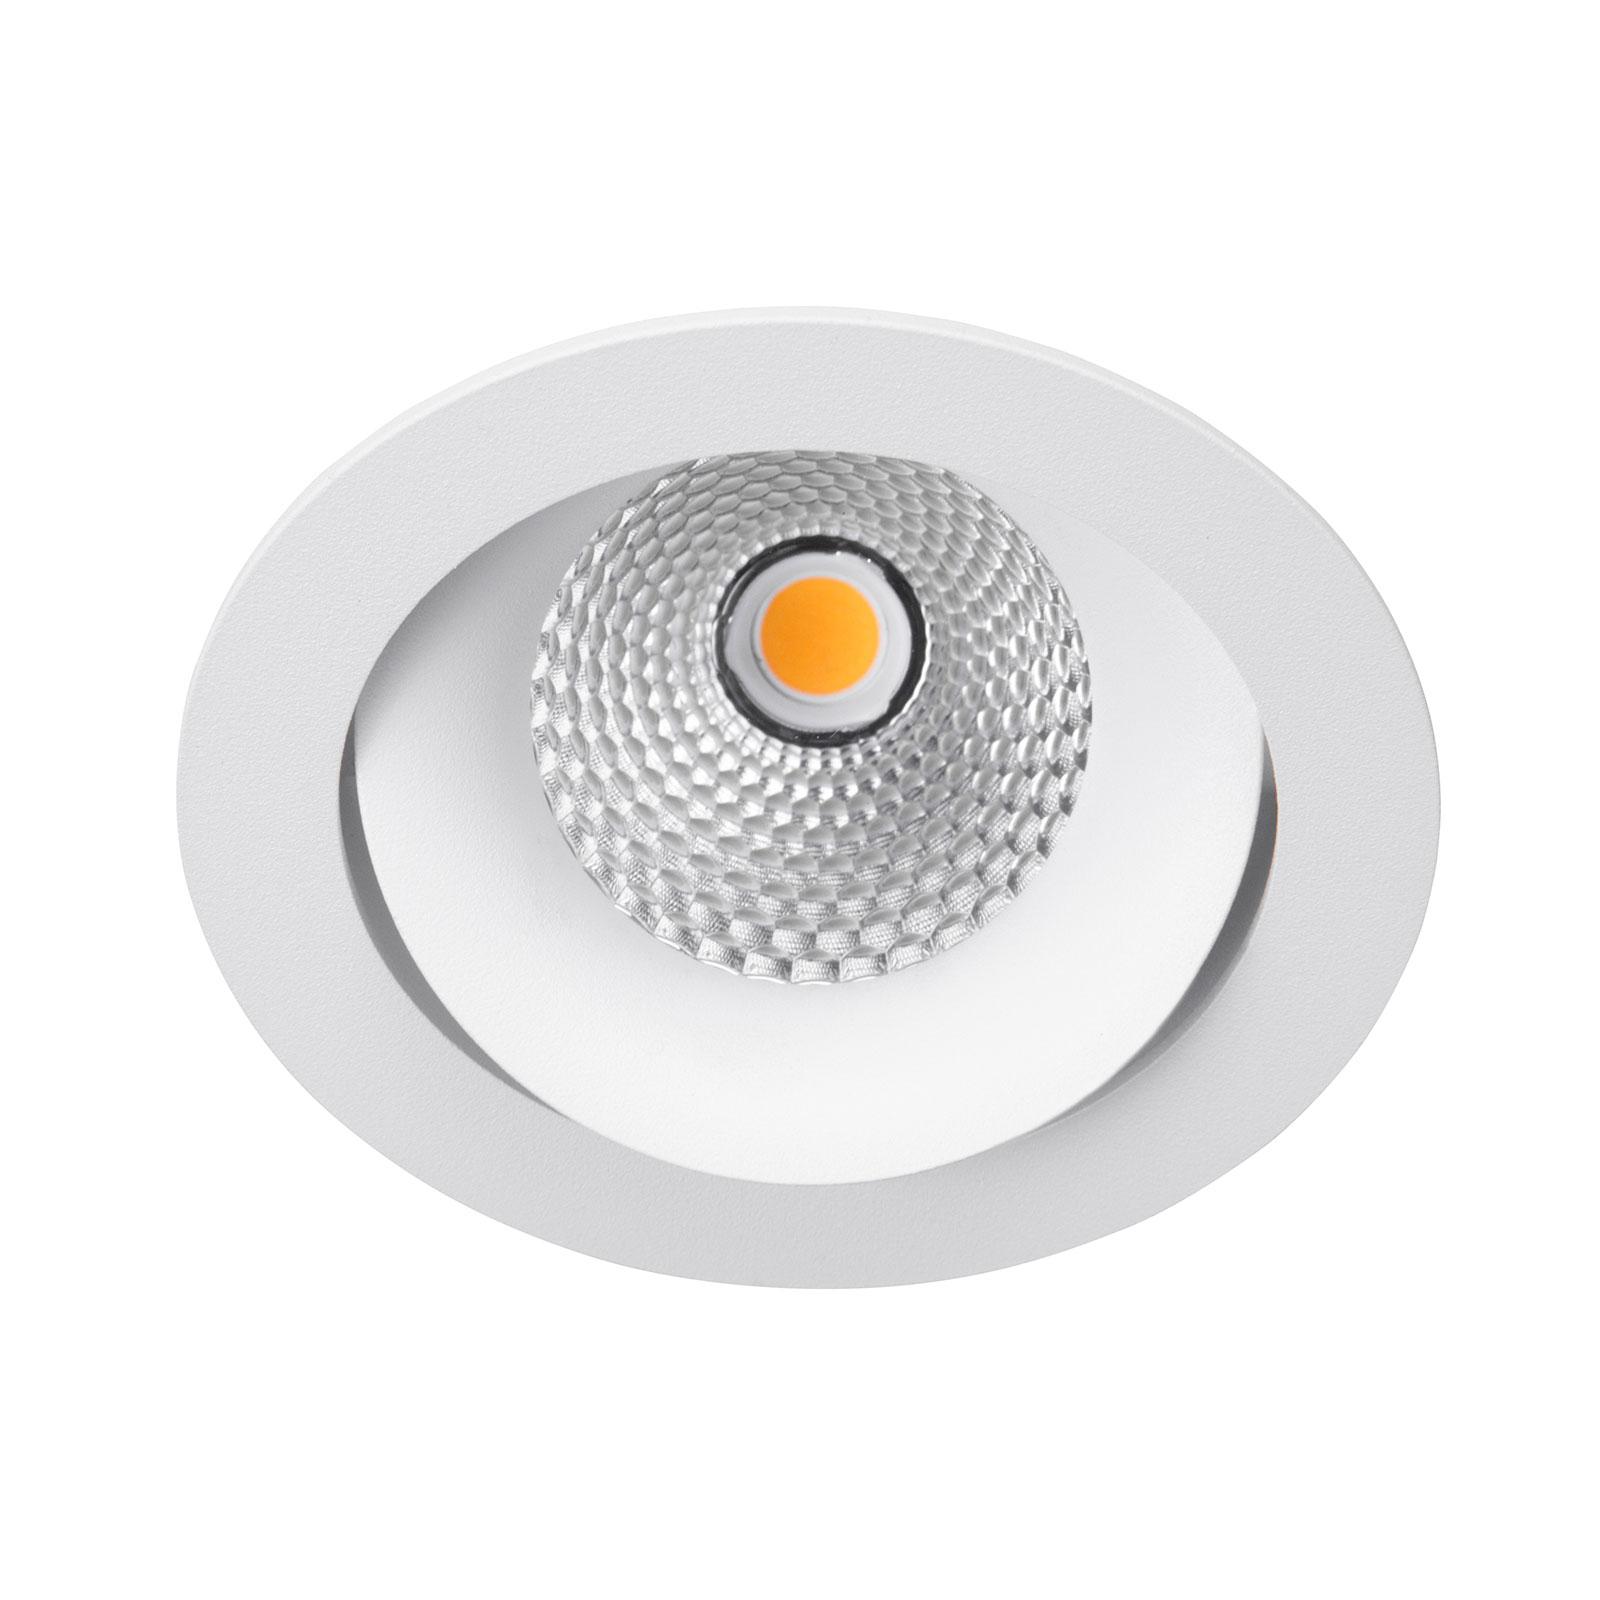 LED-Einbaustrahler Carda Piccolo, weiß, 18 Grad